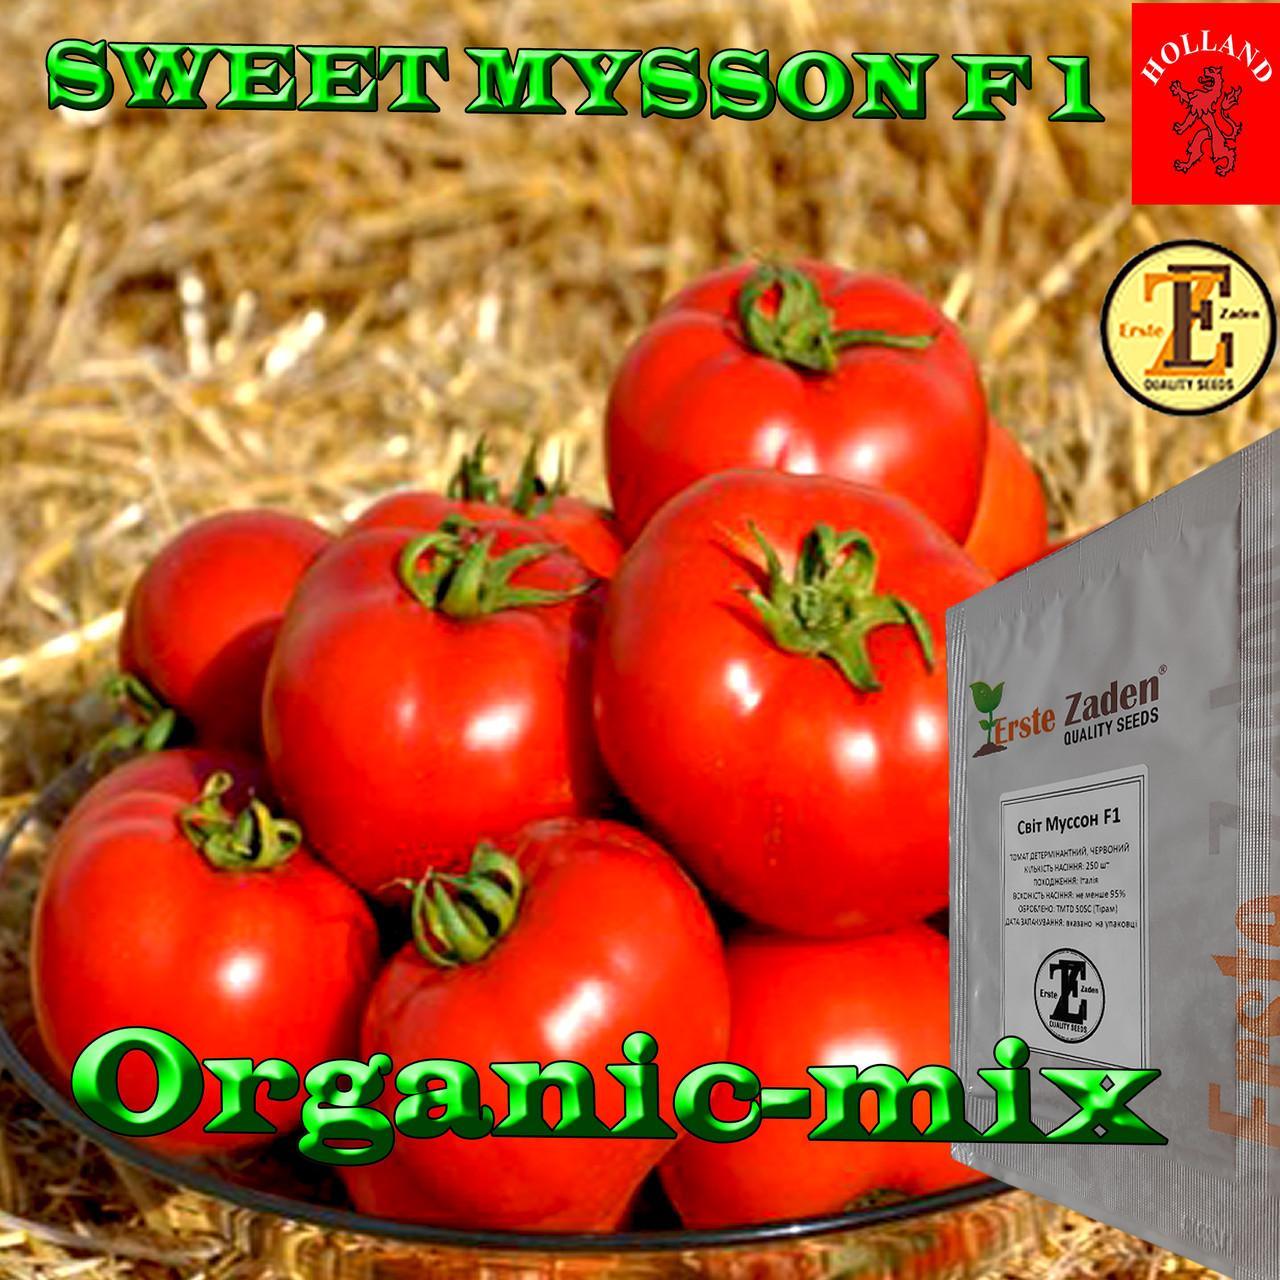 Семена, томат СВИТ МУССОН F1 / SWEET MYSSON F1 (крупный высокоурожайный) ТМ Erste Zaden, 250 семян